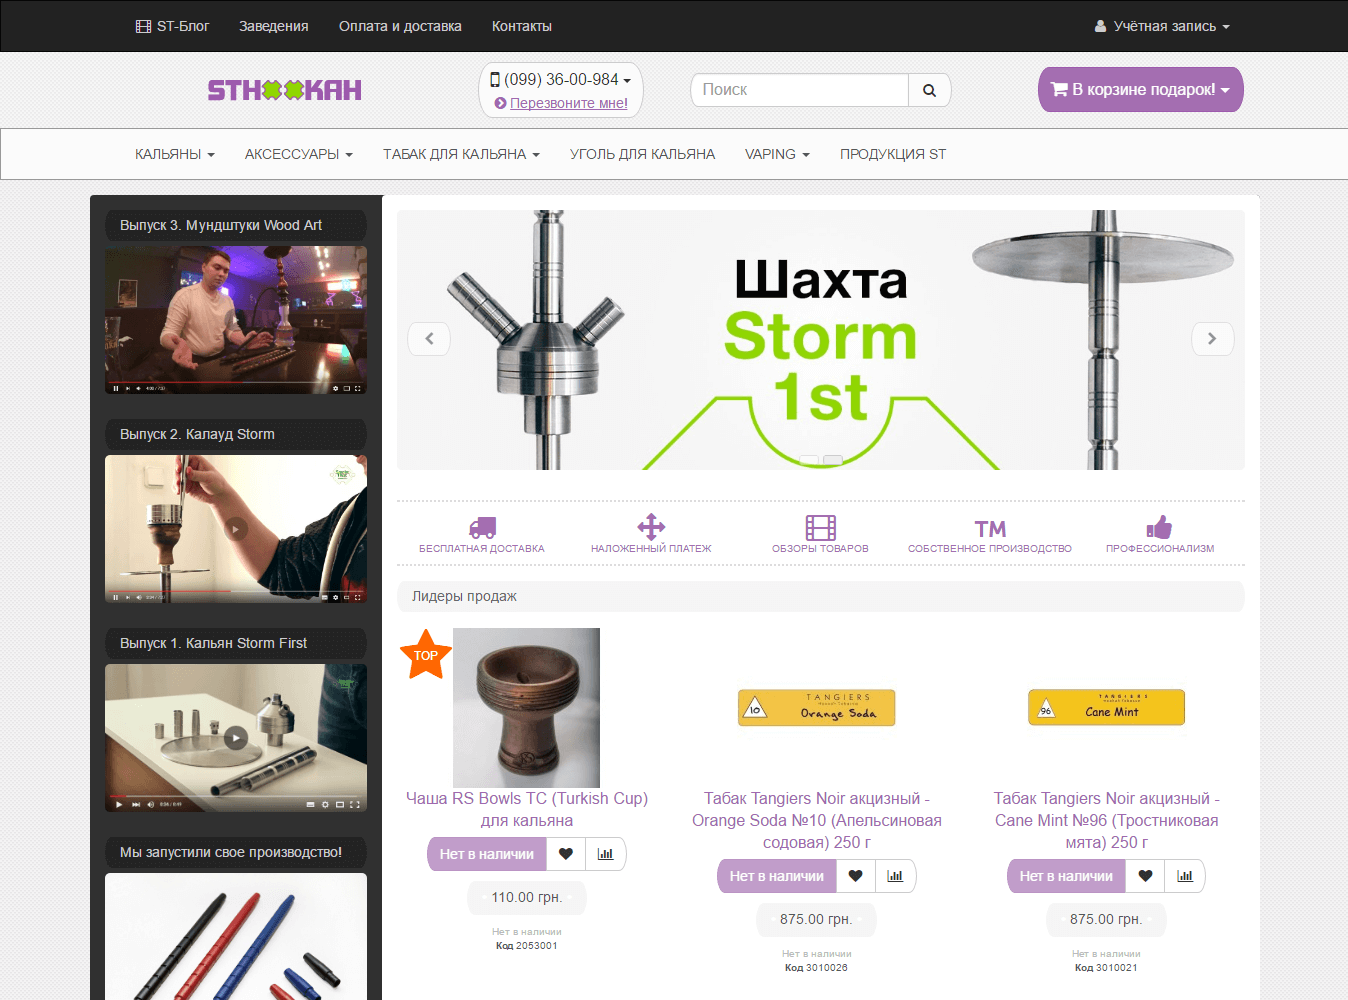 Интернет-магазин кальянов и аксессуаров